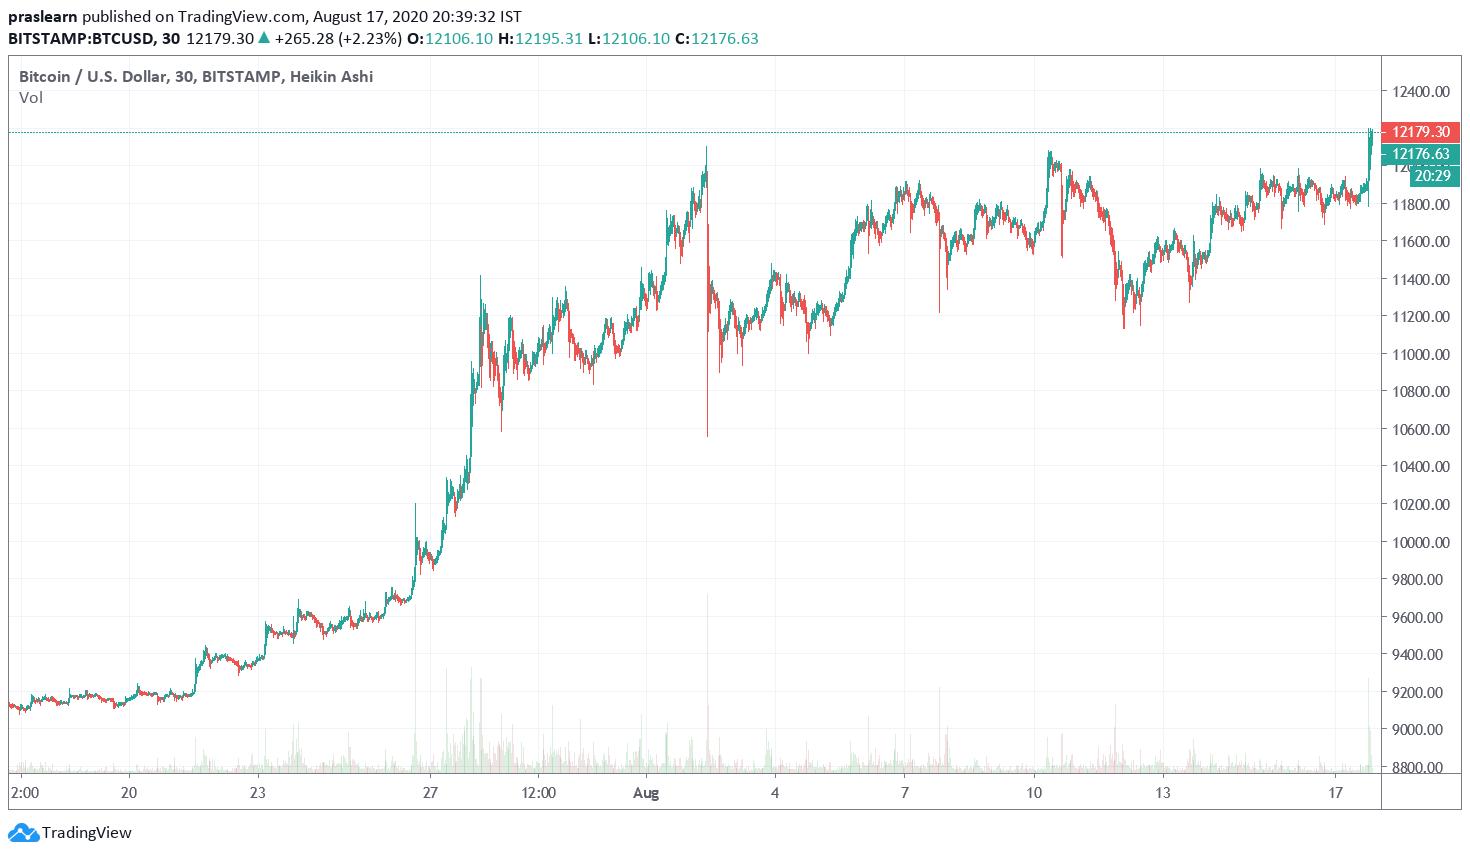 BTC Price Analysis 1 Month Chart